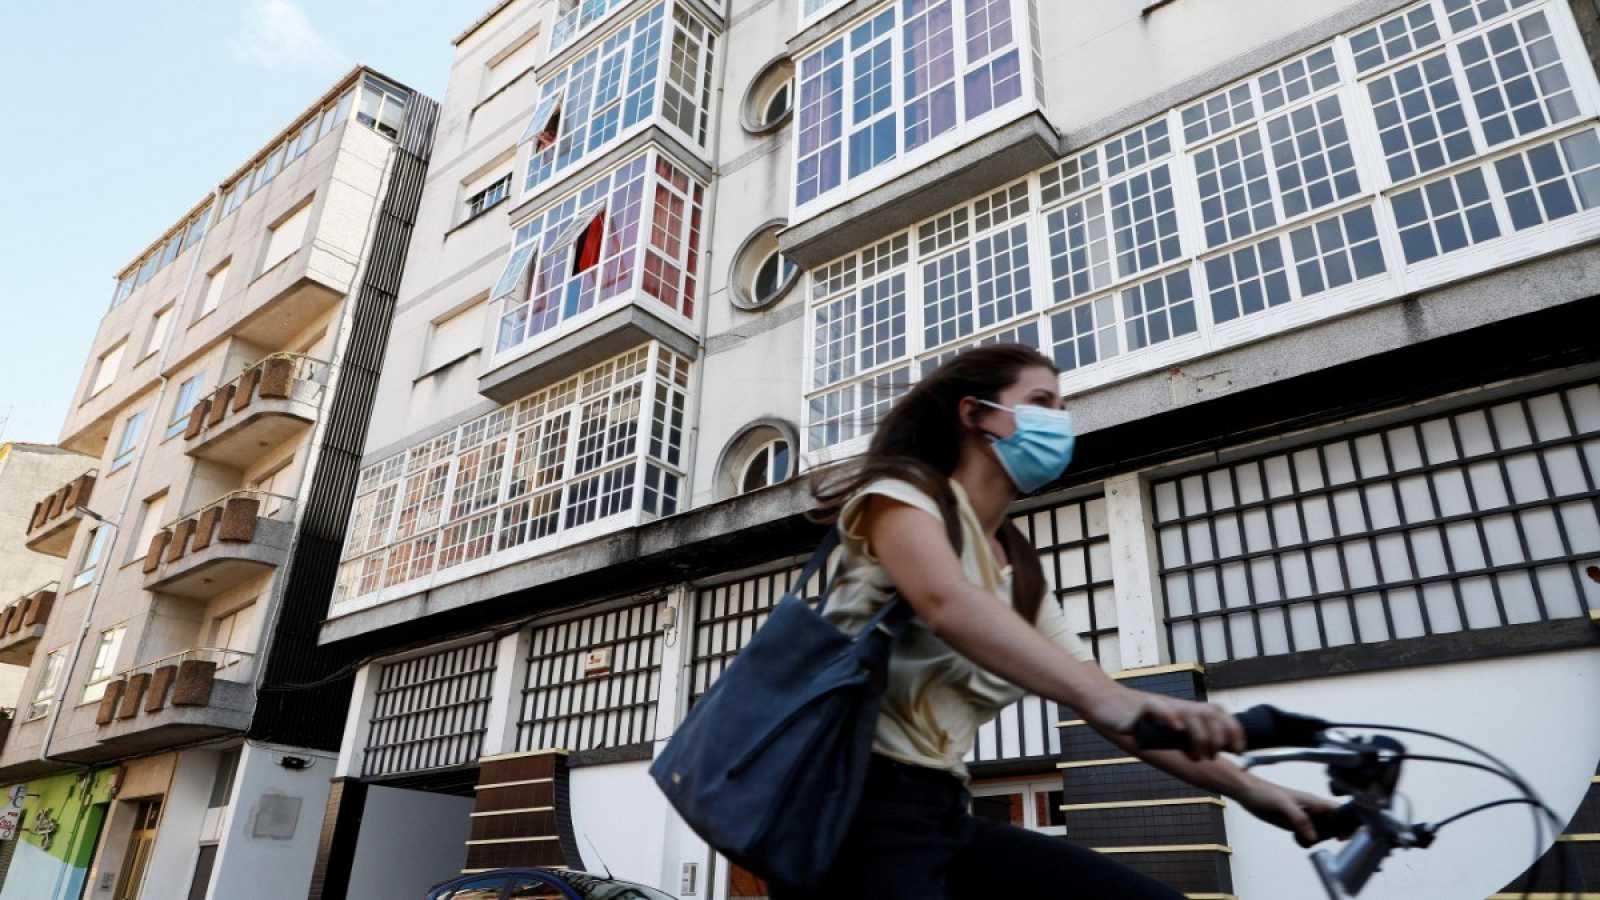 Una mujer monta en bicicleta junto a un edificio confinado en la localidad lucense de Monforte de Lemos